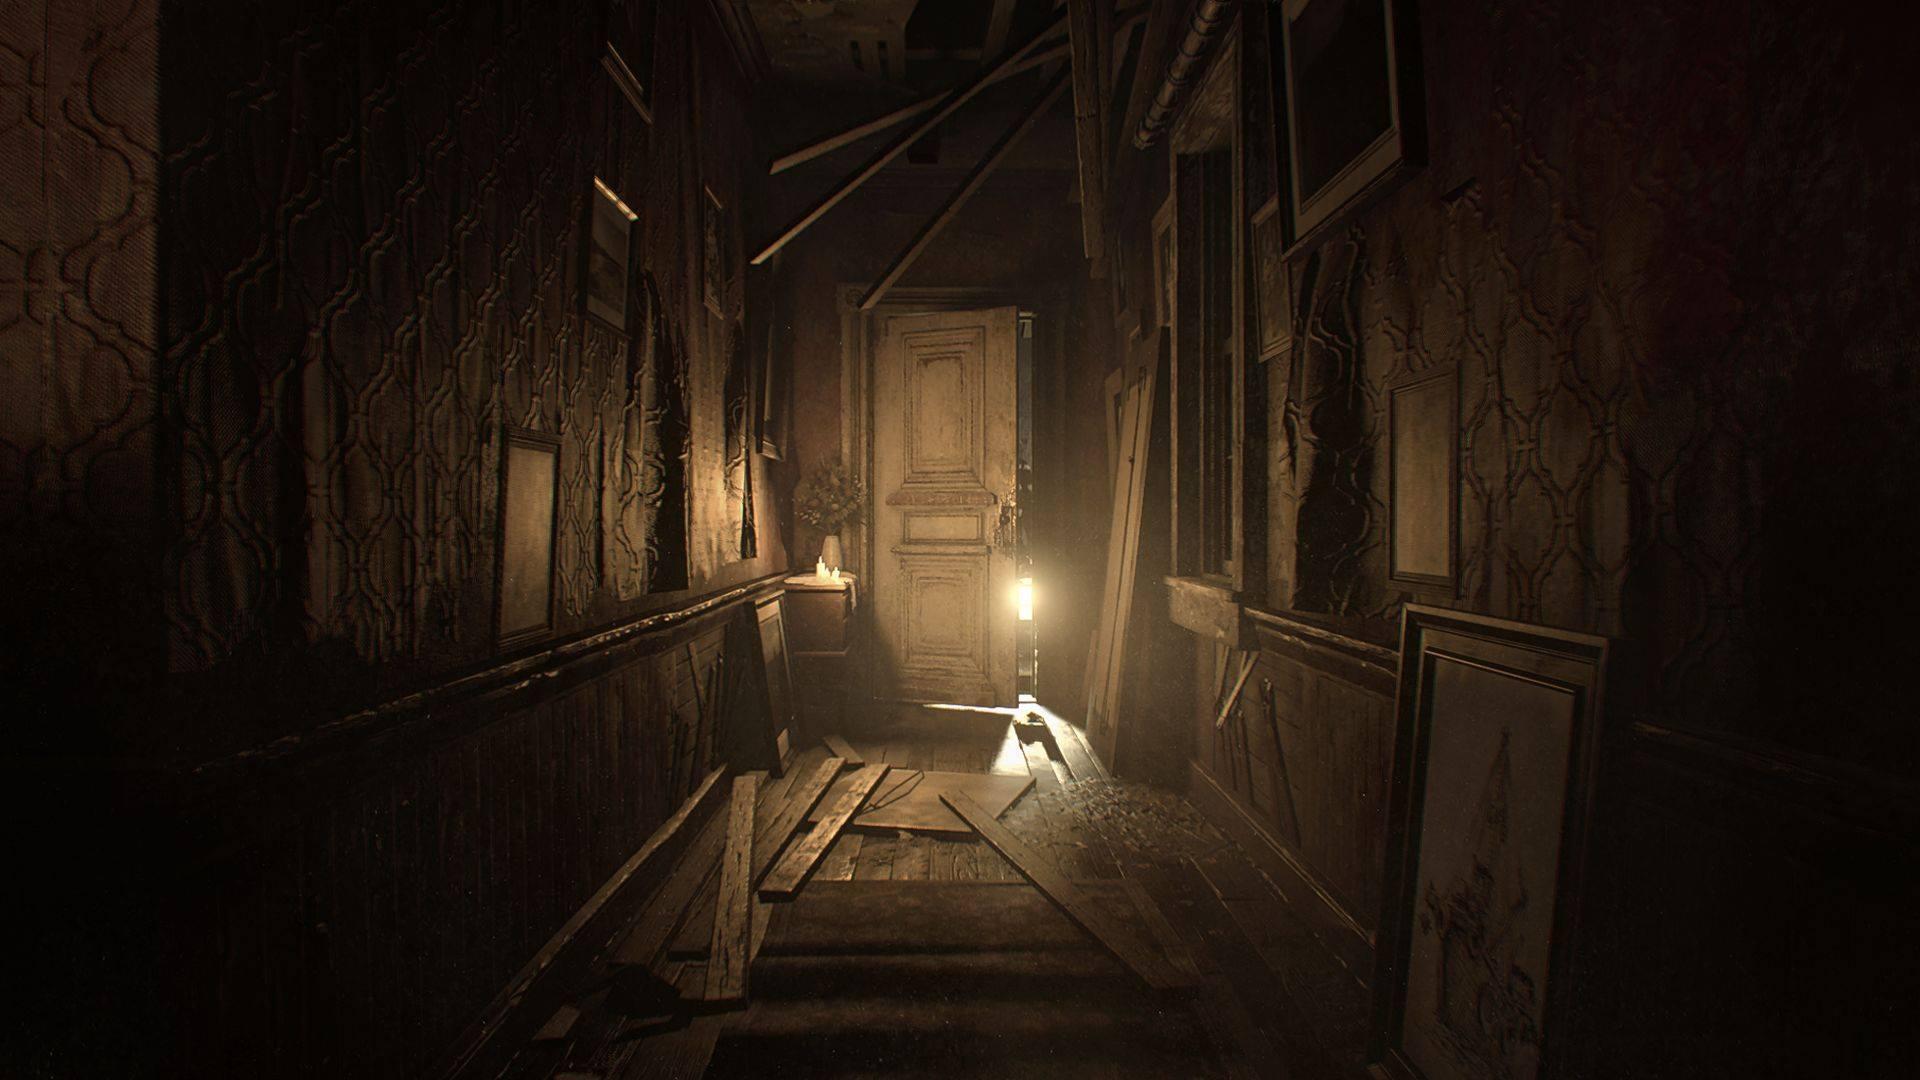 Kręcę się nerwowo od oglądania zwiastuna Resident Evil 7. Nie każdy przeżyje nową erę horrorów